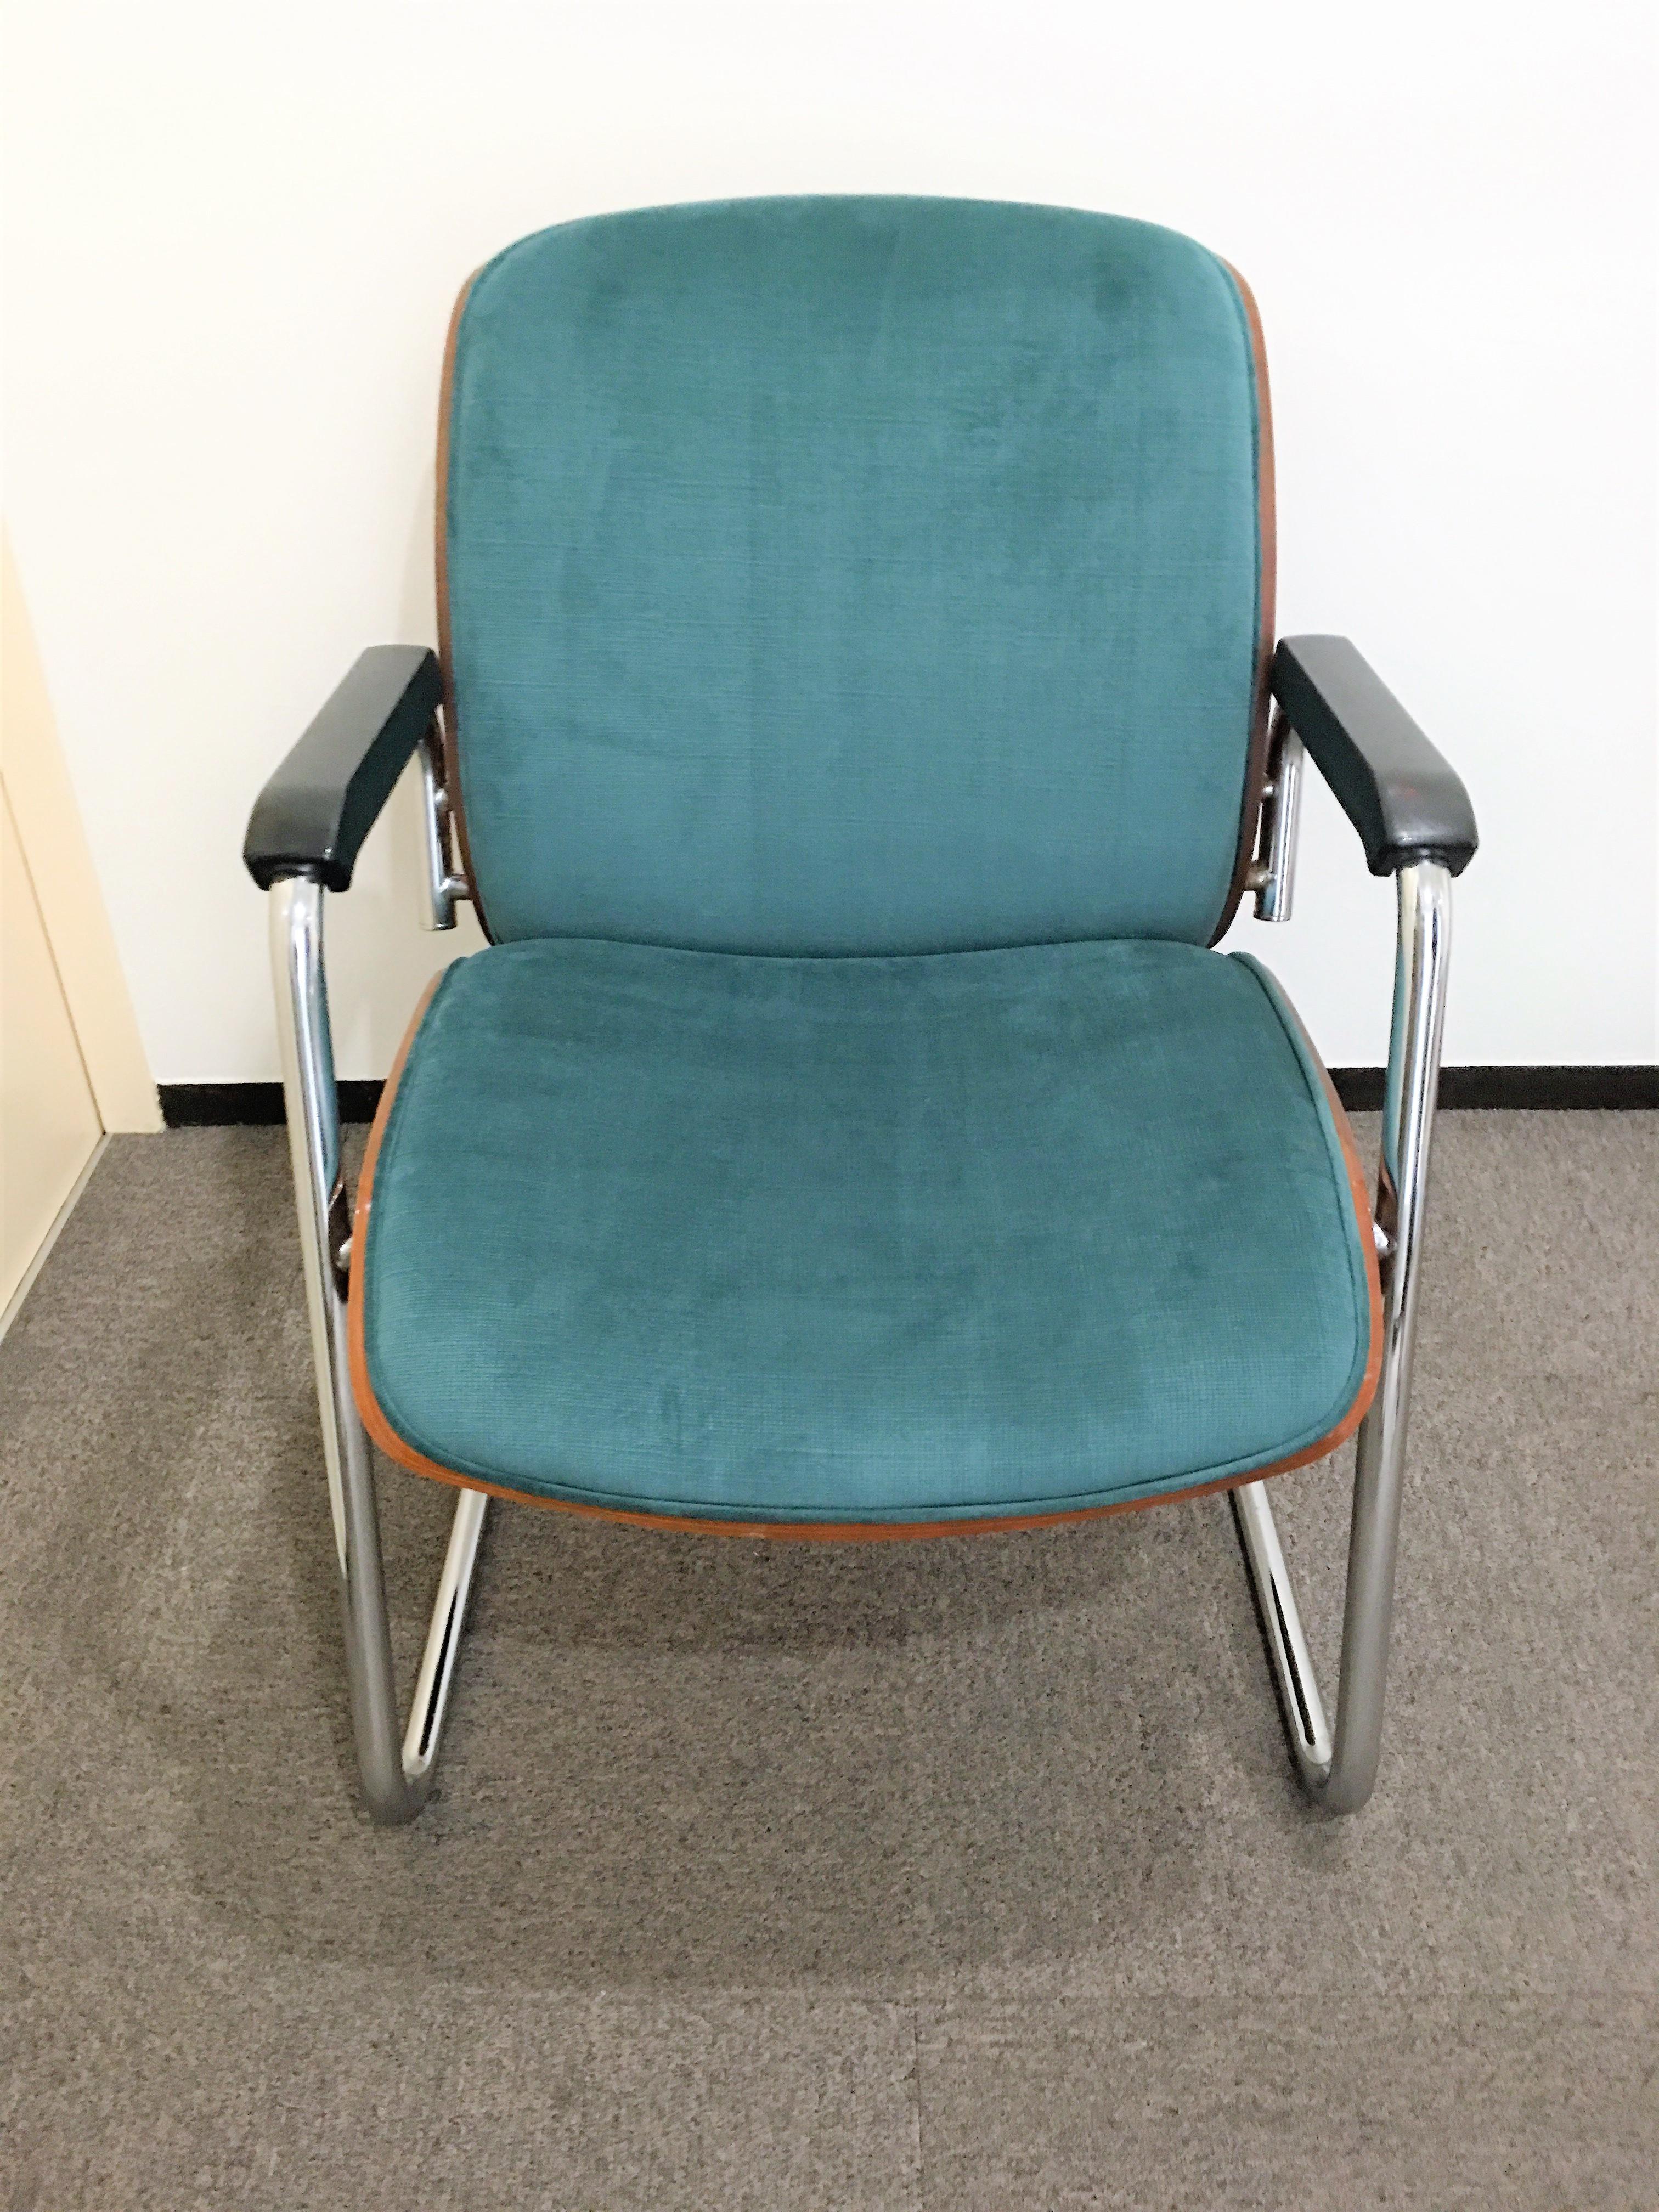 椅子張替え後